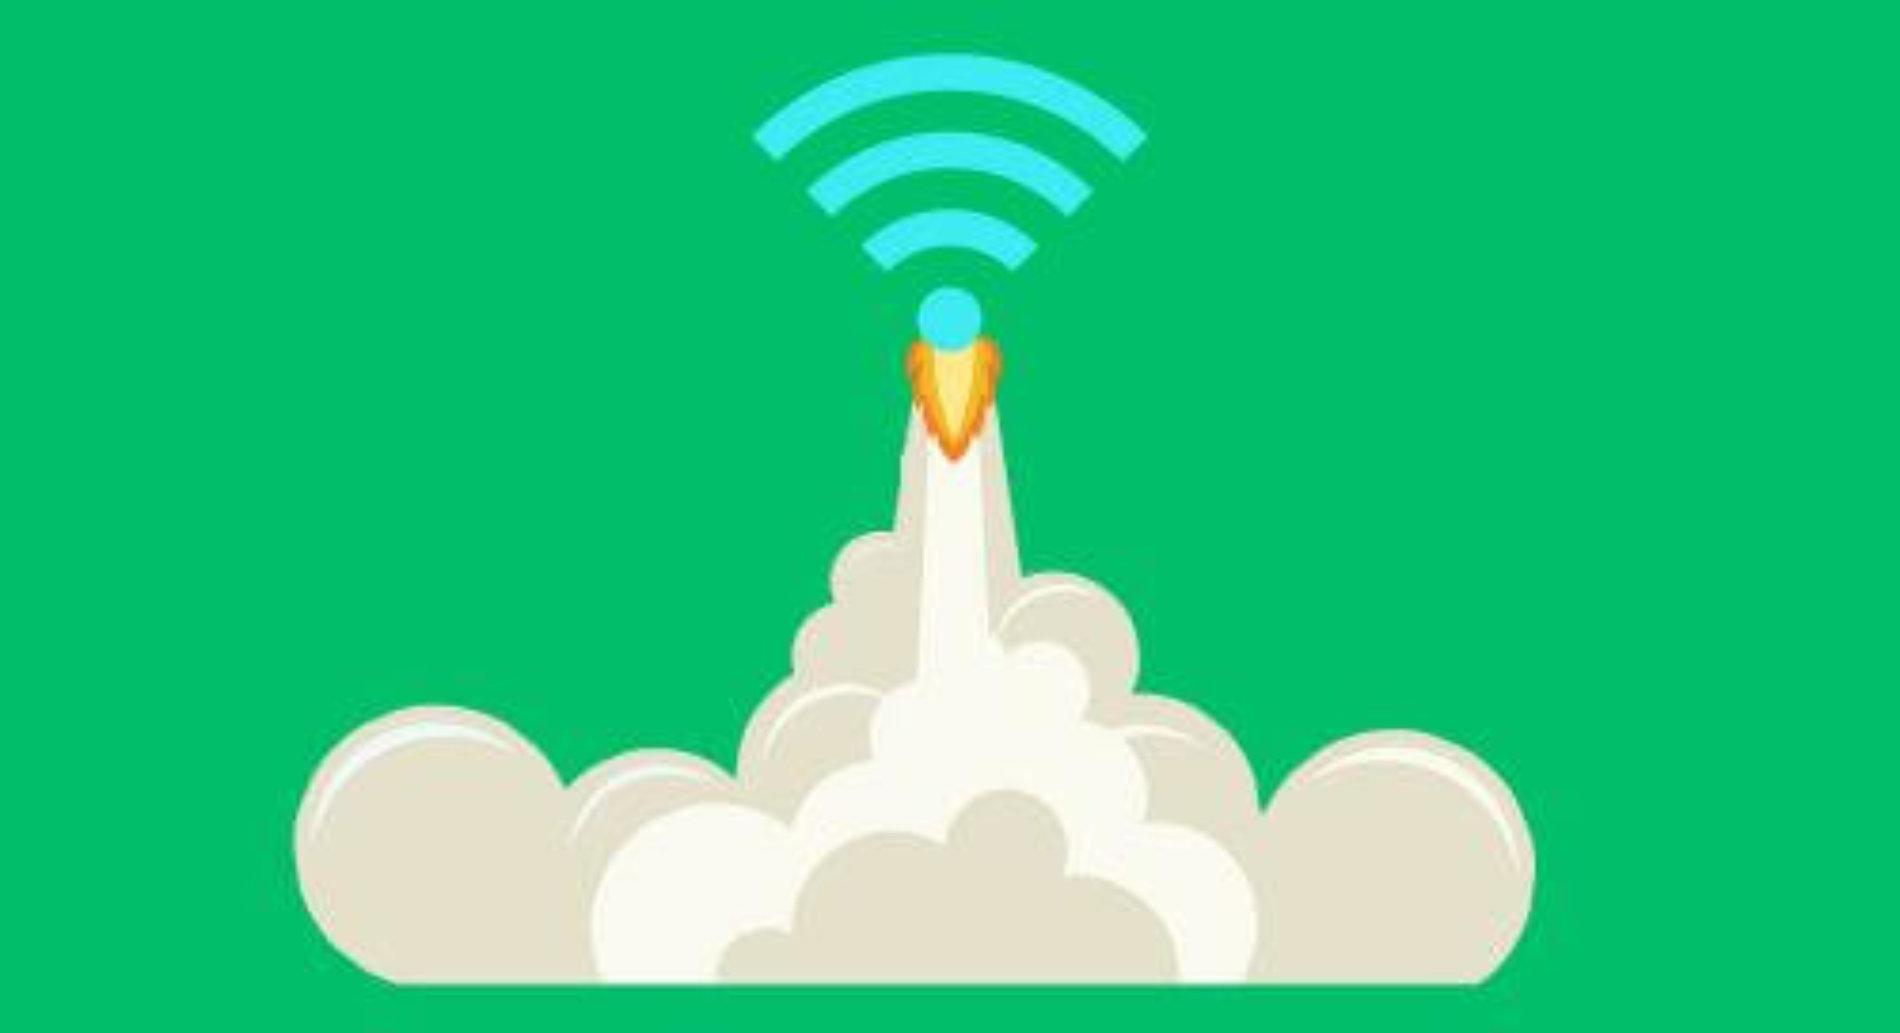 Conoce mas de Krack, una amenaza para las redes Wi-Fi